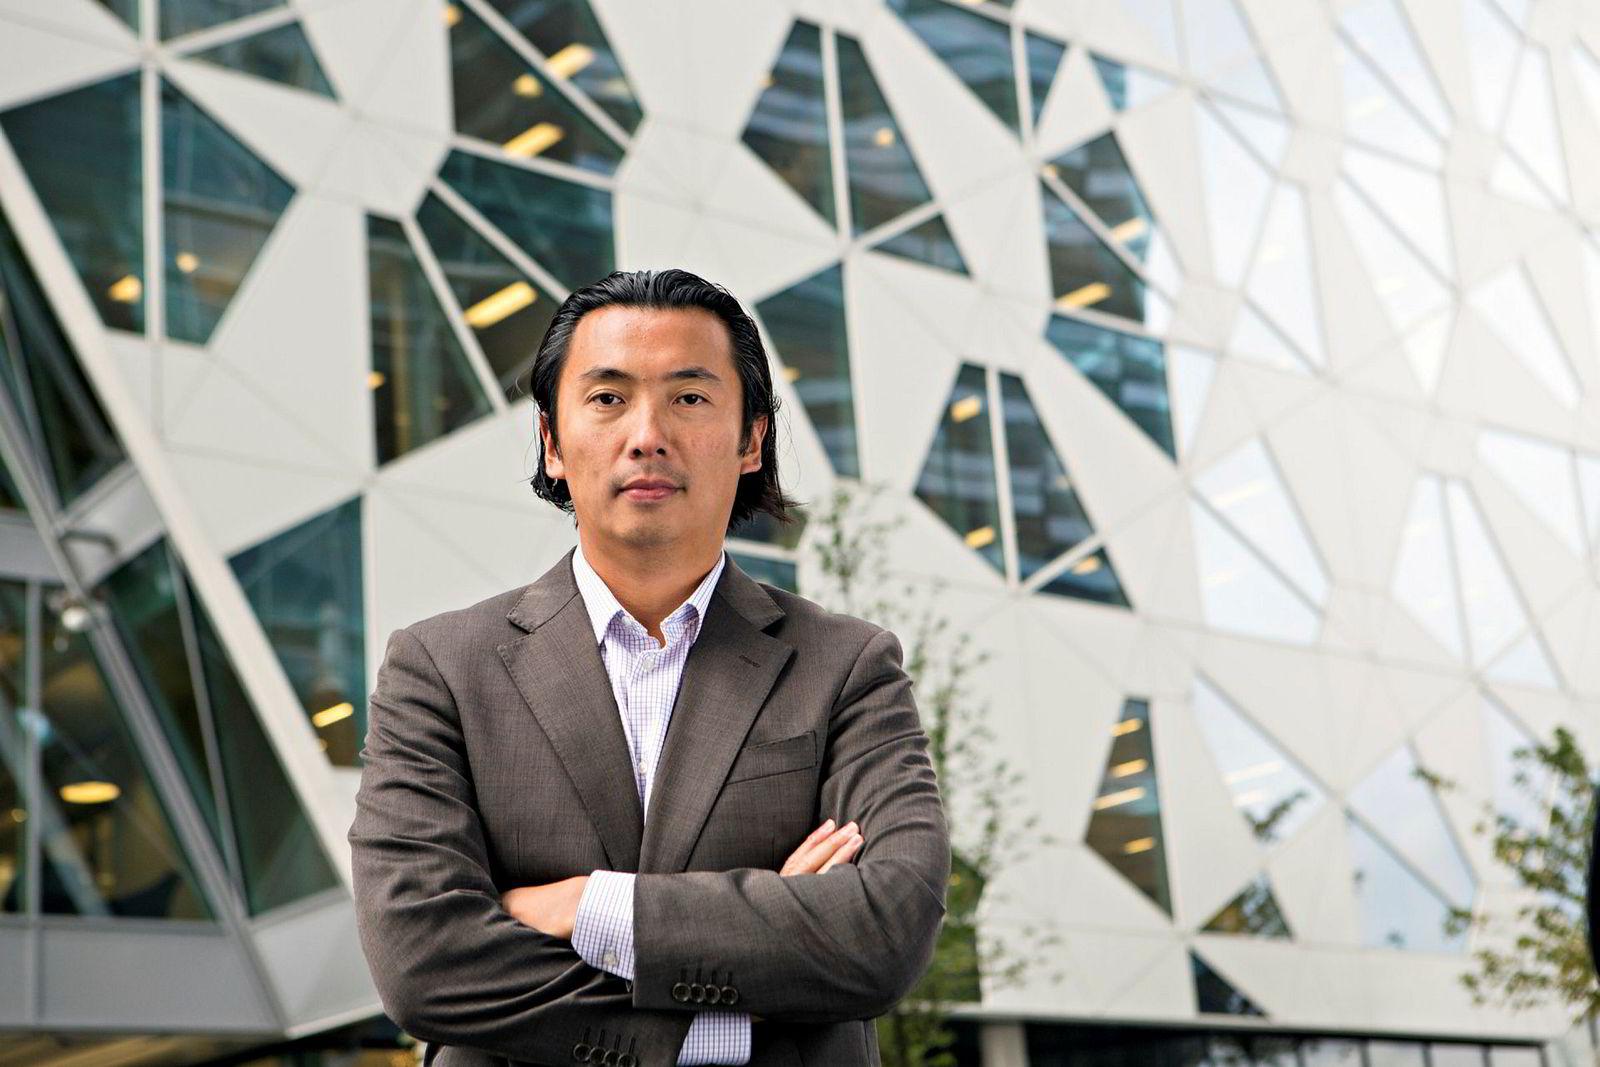 Porteføljeforvalter Olav Chen i Storebrand Asset Management tror ikke det blir et nytt sjokk for markedet, slik man så i mars.